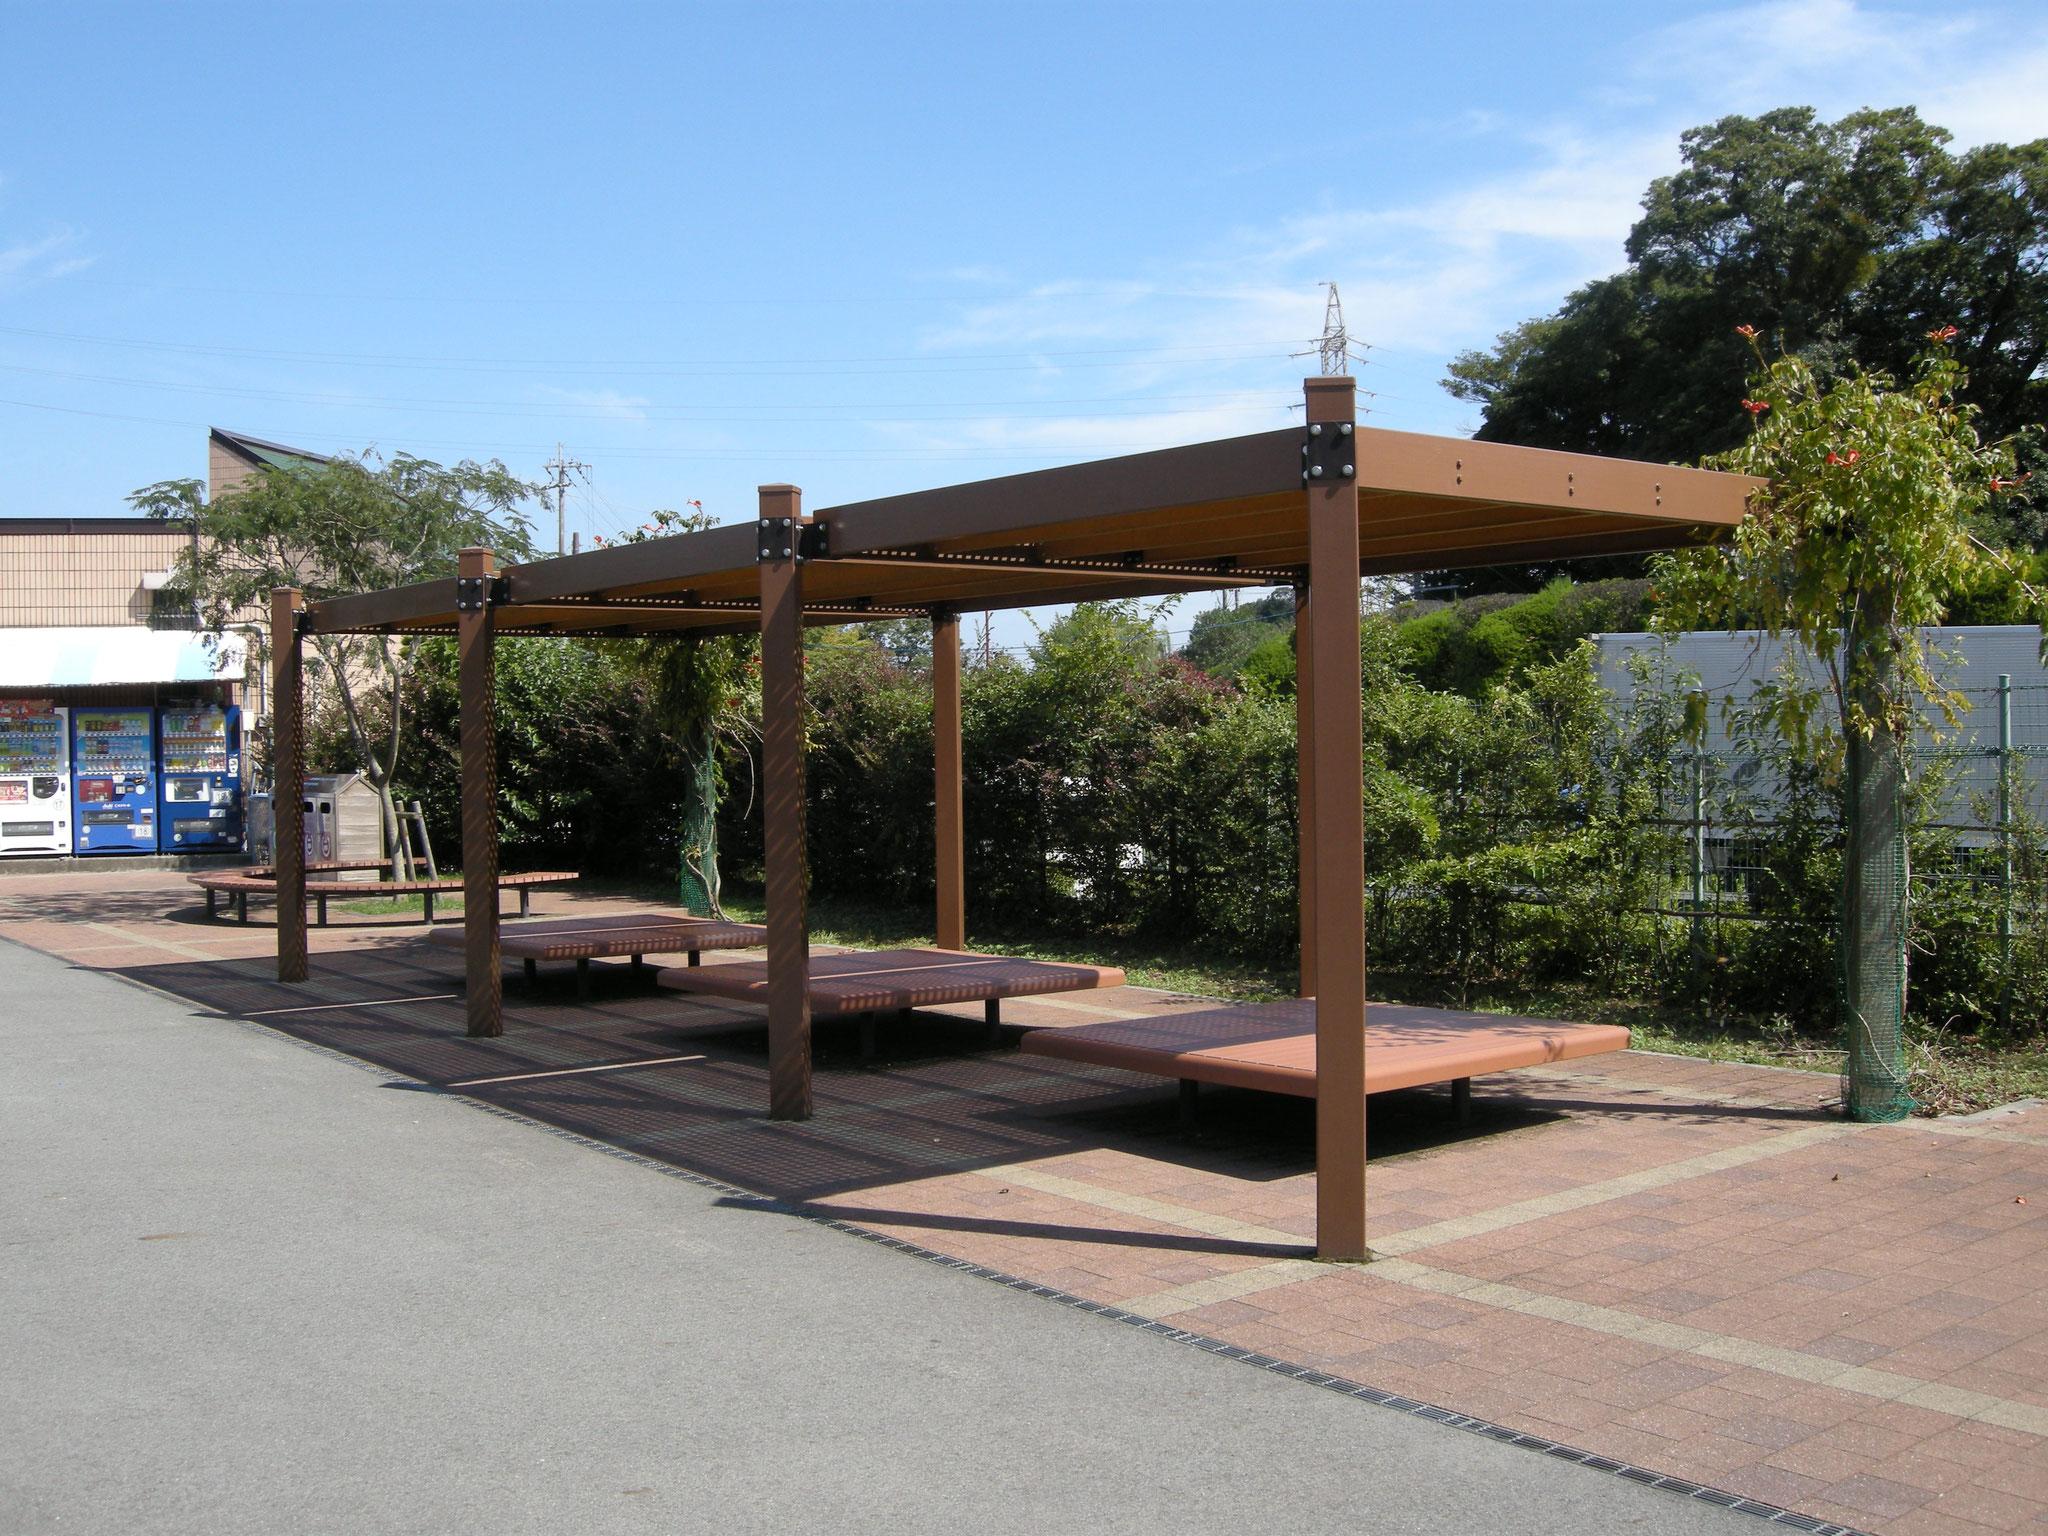 熊本市動植物園(熊本県熊本市)